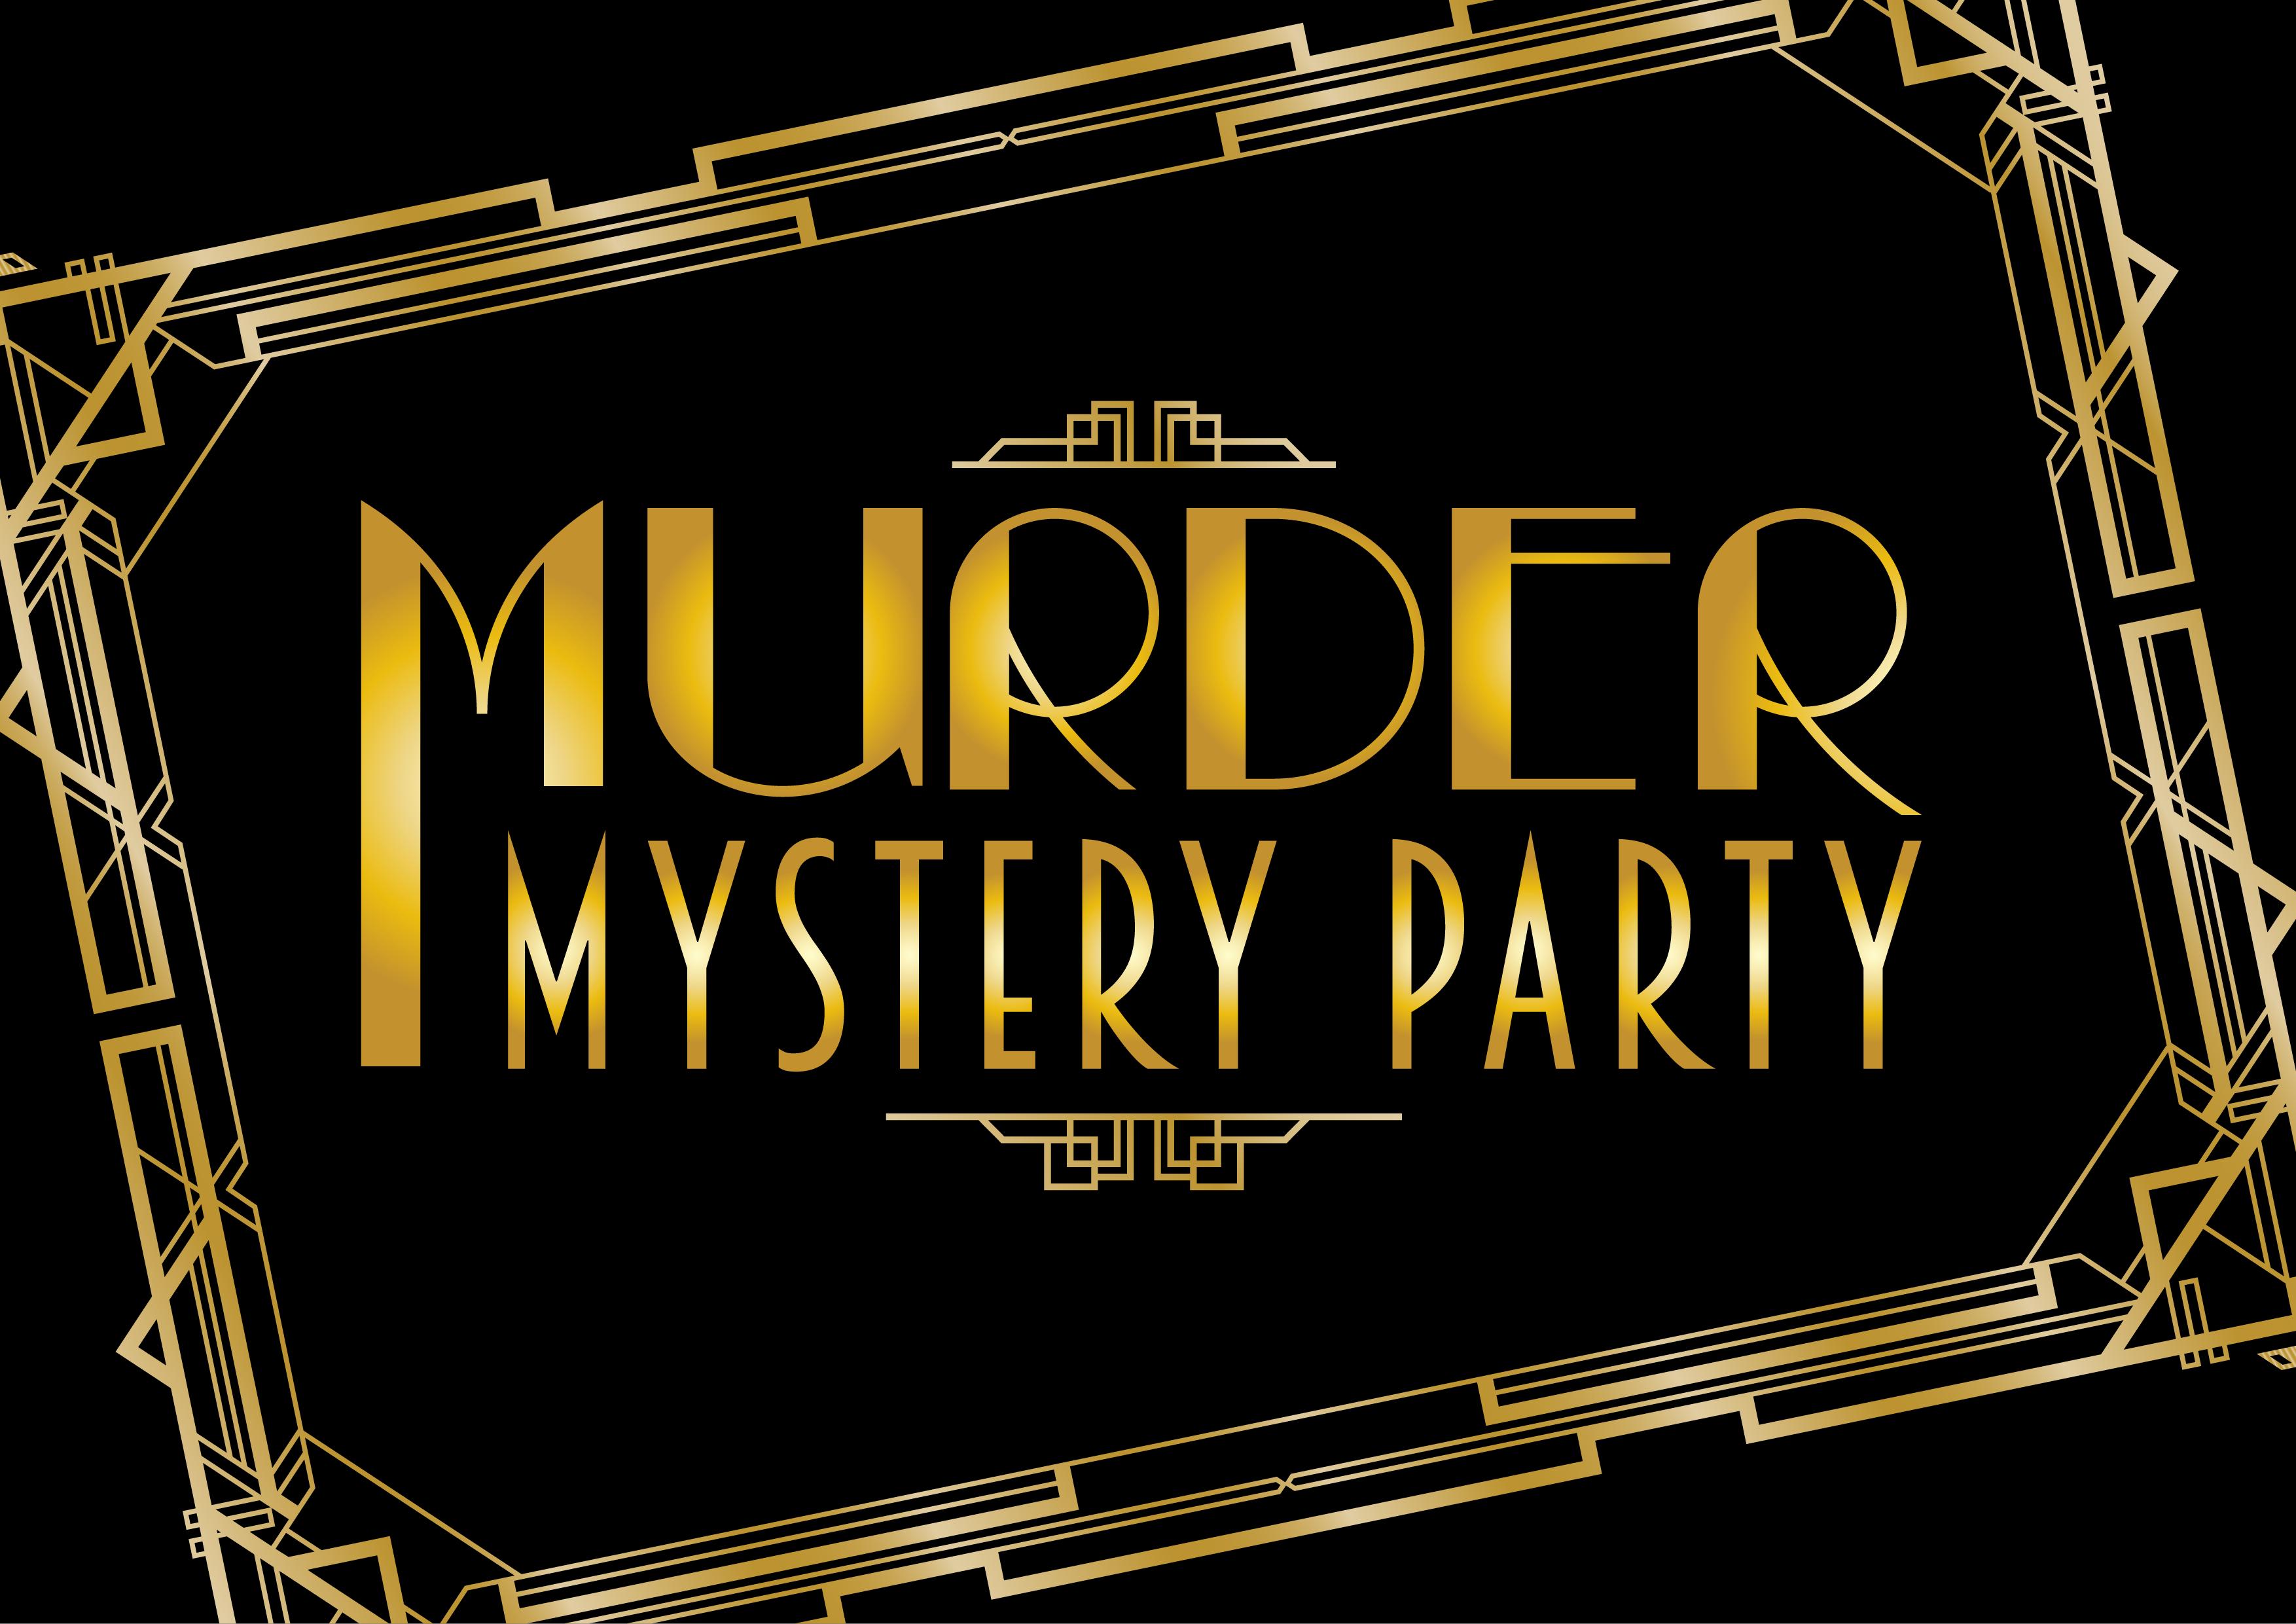 Murders Mystery